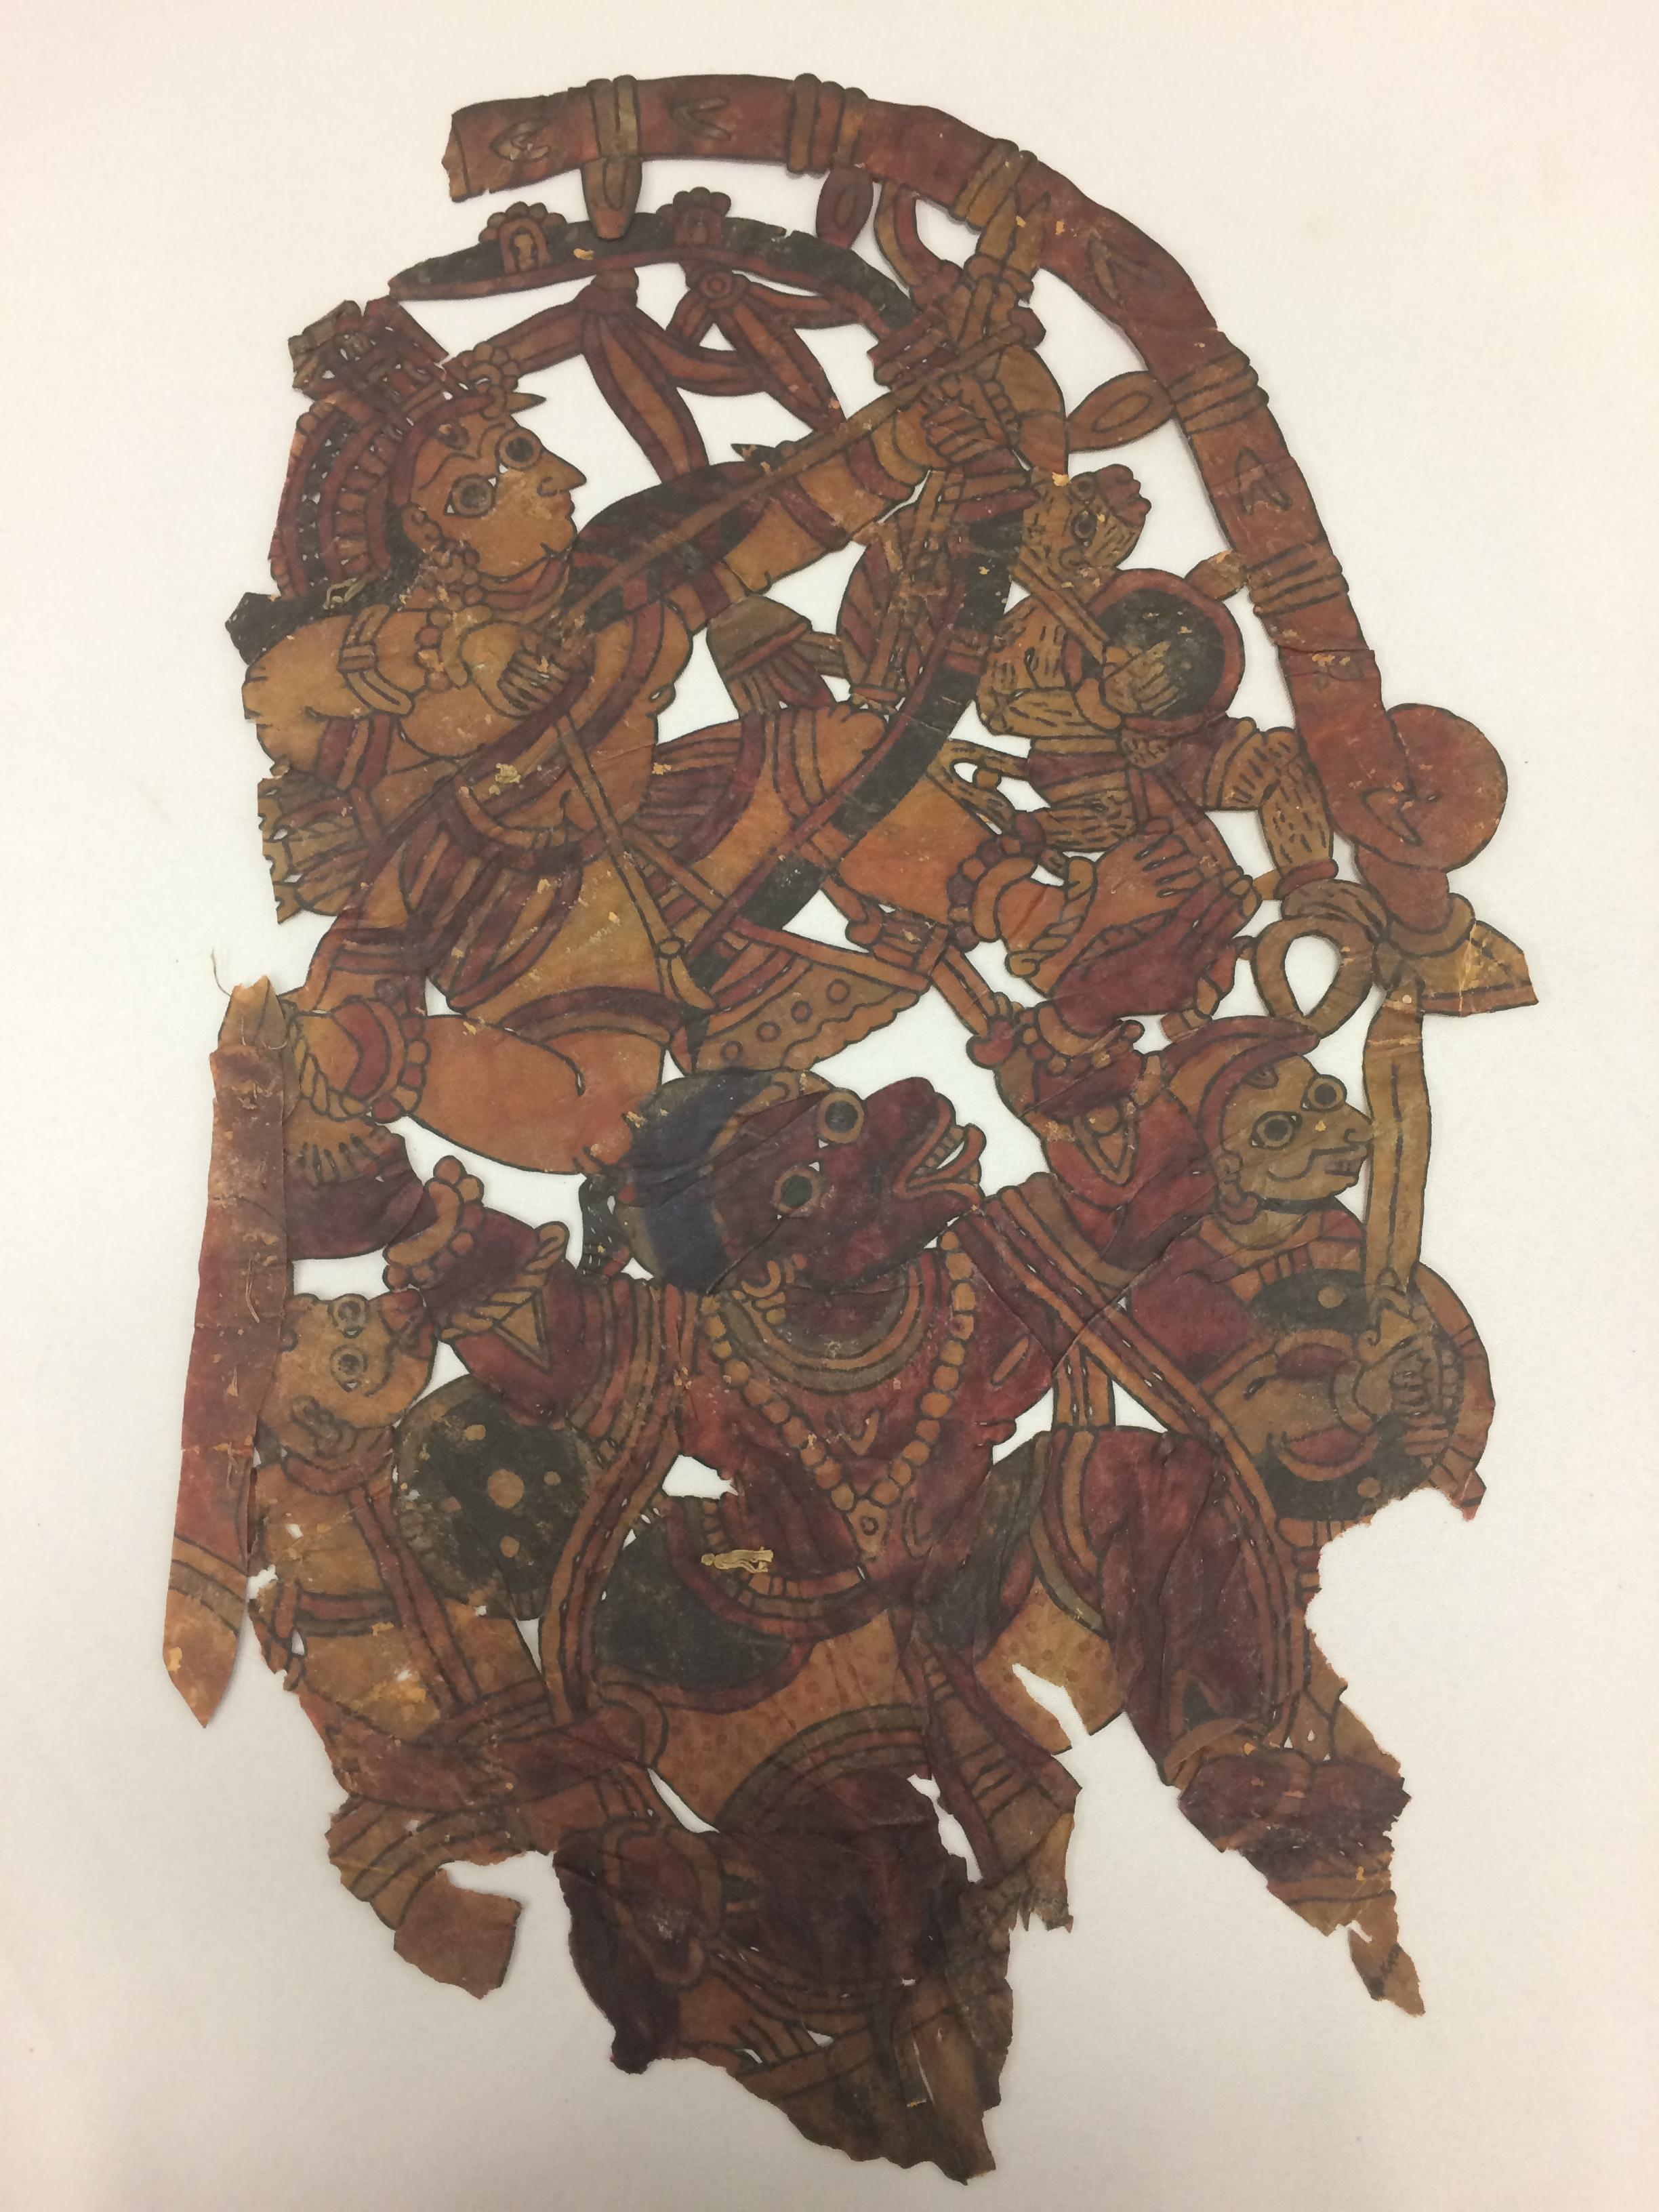 Râma, <em>Hanuman</em> et l'armée du singe en guerre contre Râvana, du Râmâyana, réalisée dans le style de togalu gombeya</em>ta</em>, théâtre d'ombres traditionnel de Karnataka, en Inde, hauteur : 60 cm. Collection : Center for Puppetry Arts (Georgia, Atlanta, États-Unis), donnée par Melvyn Helstien (1991)